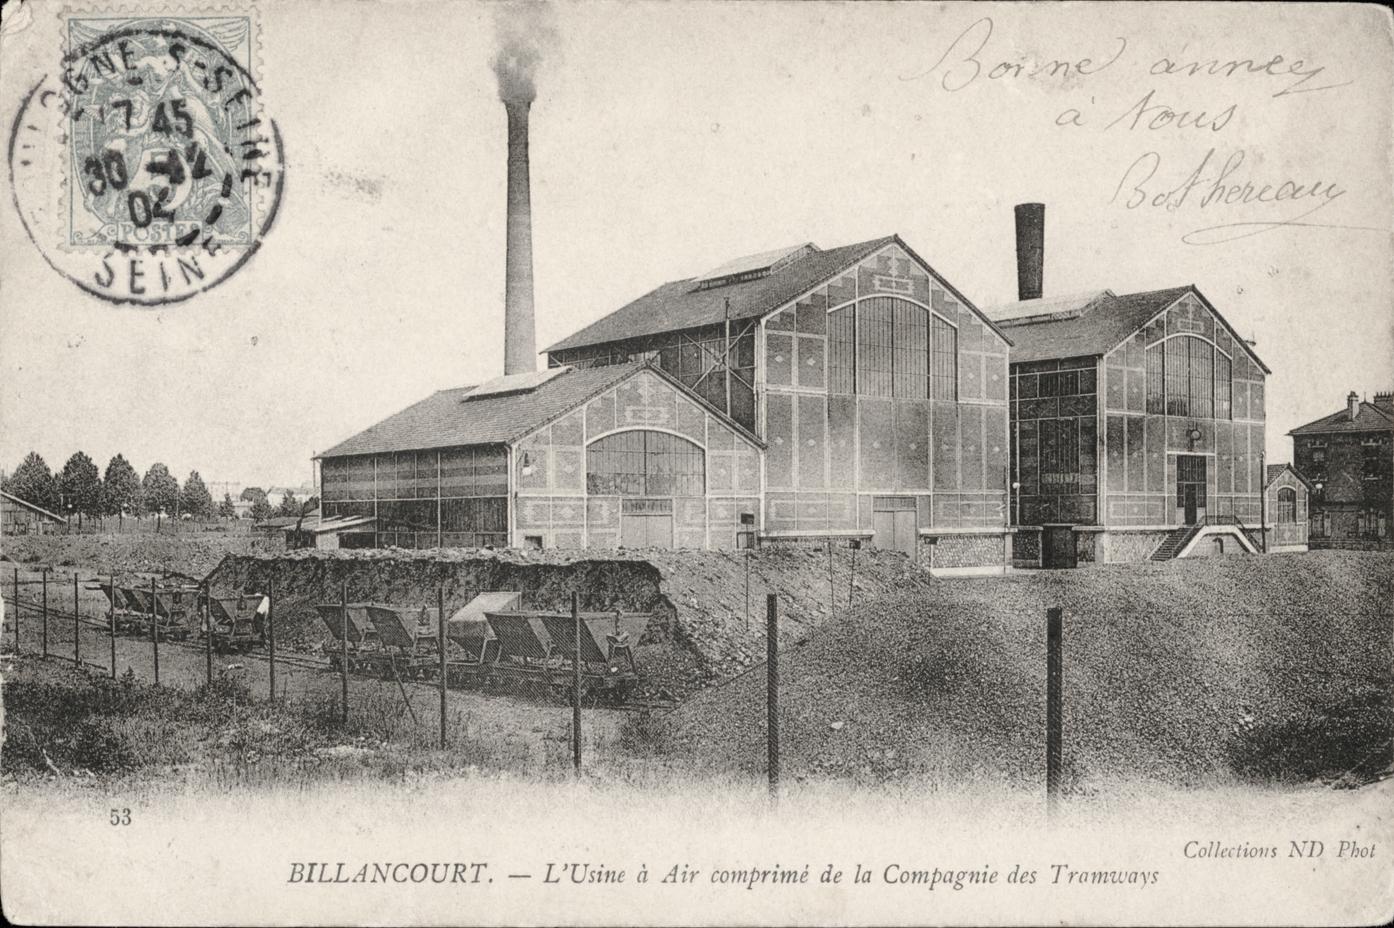 L'usine à air comprimé de la compagnie des tramways